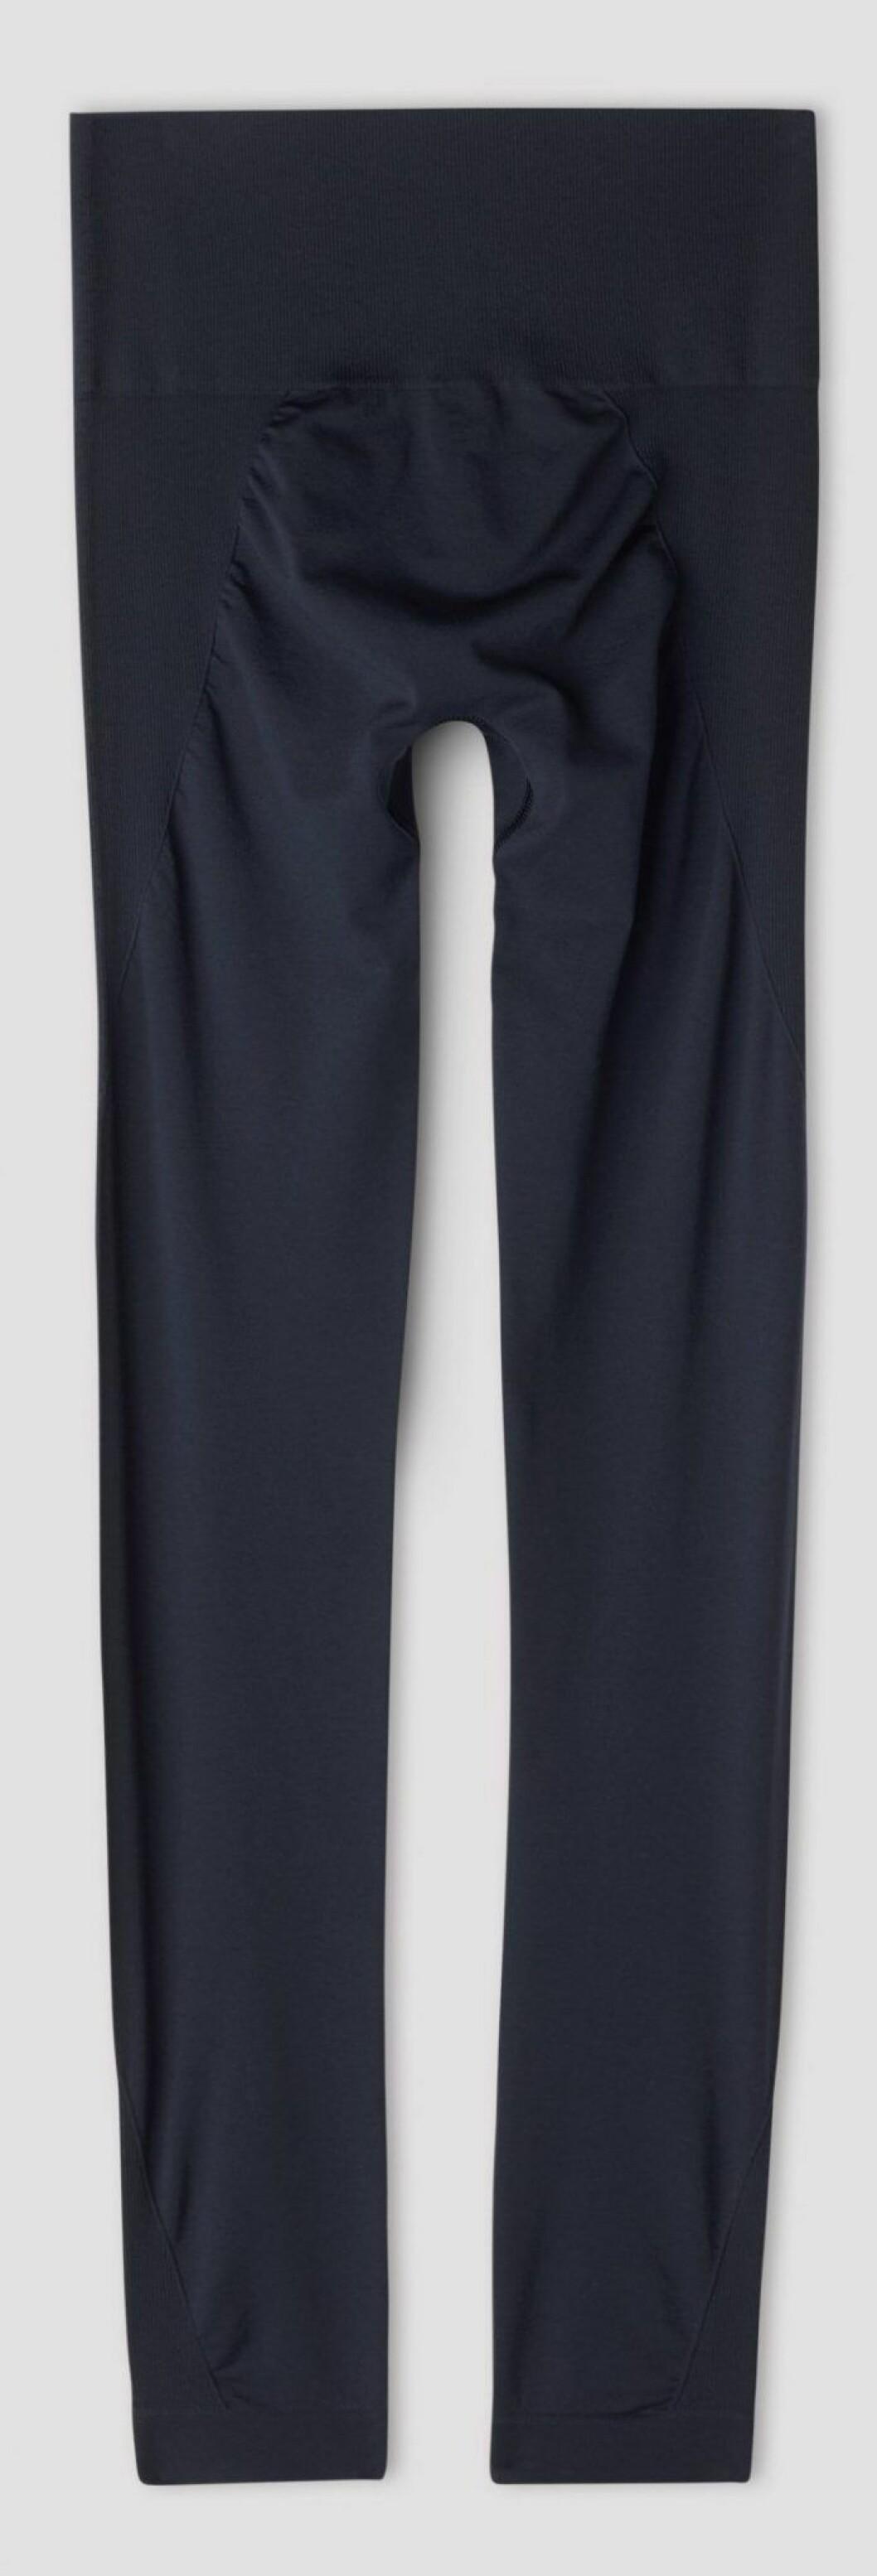 Sömlösa leggings i marinblått från Filippa K.